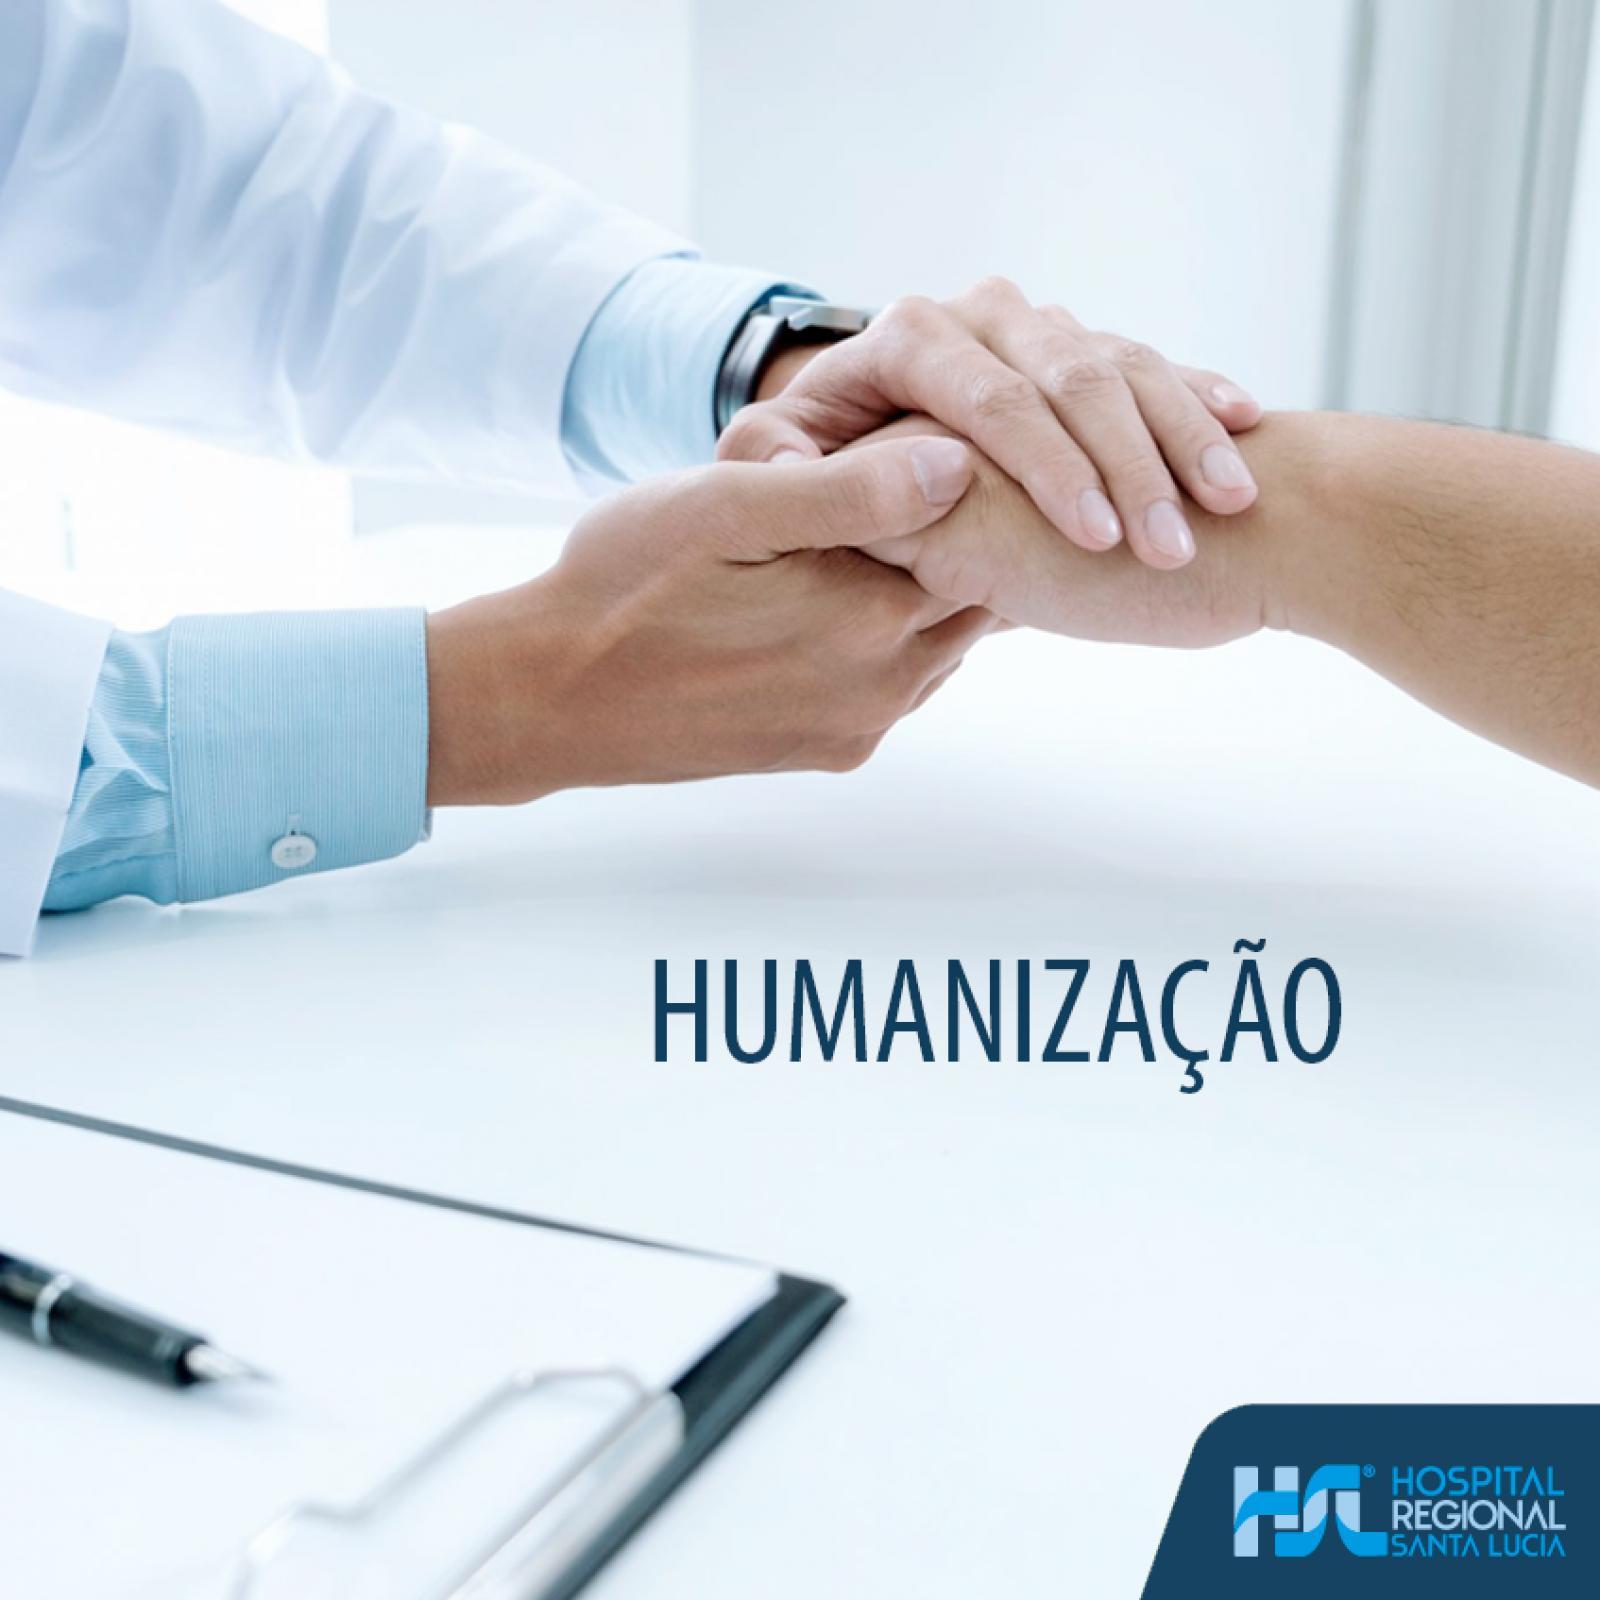 Humanização hospitalar